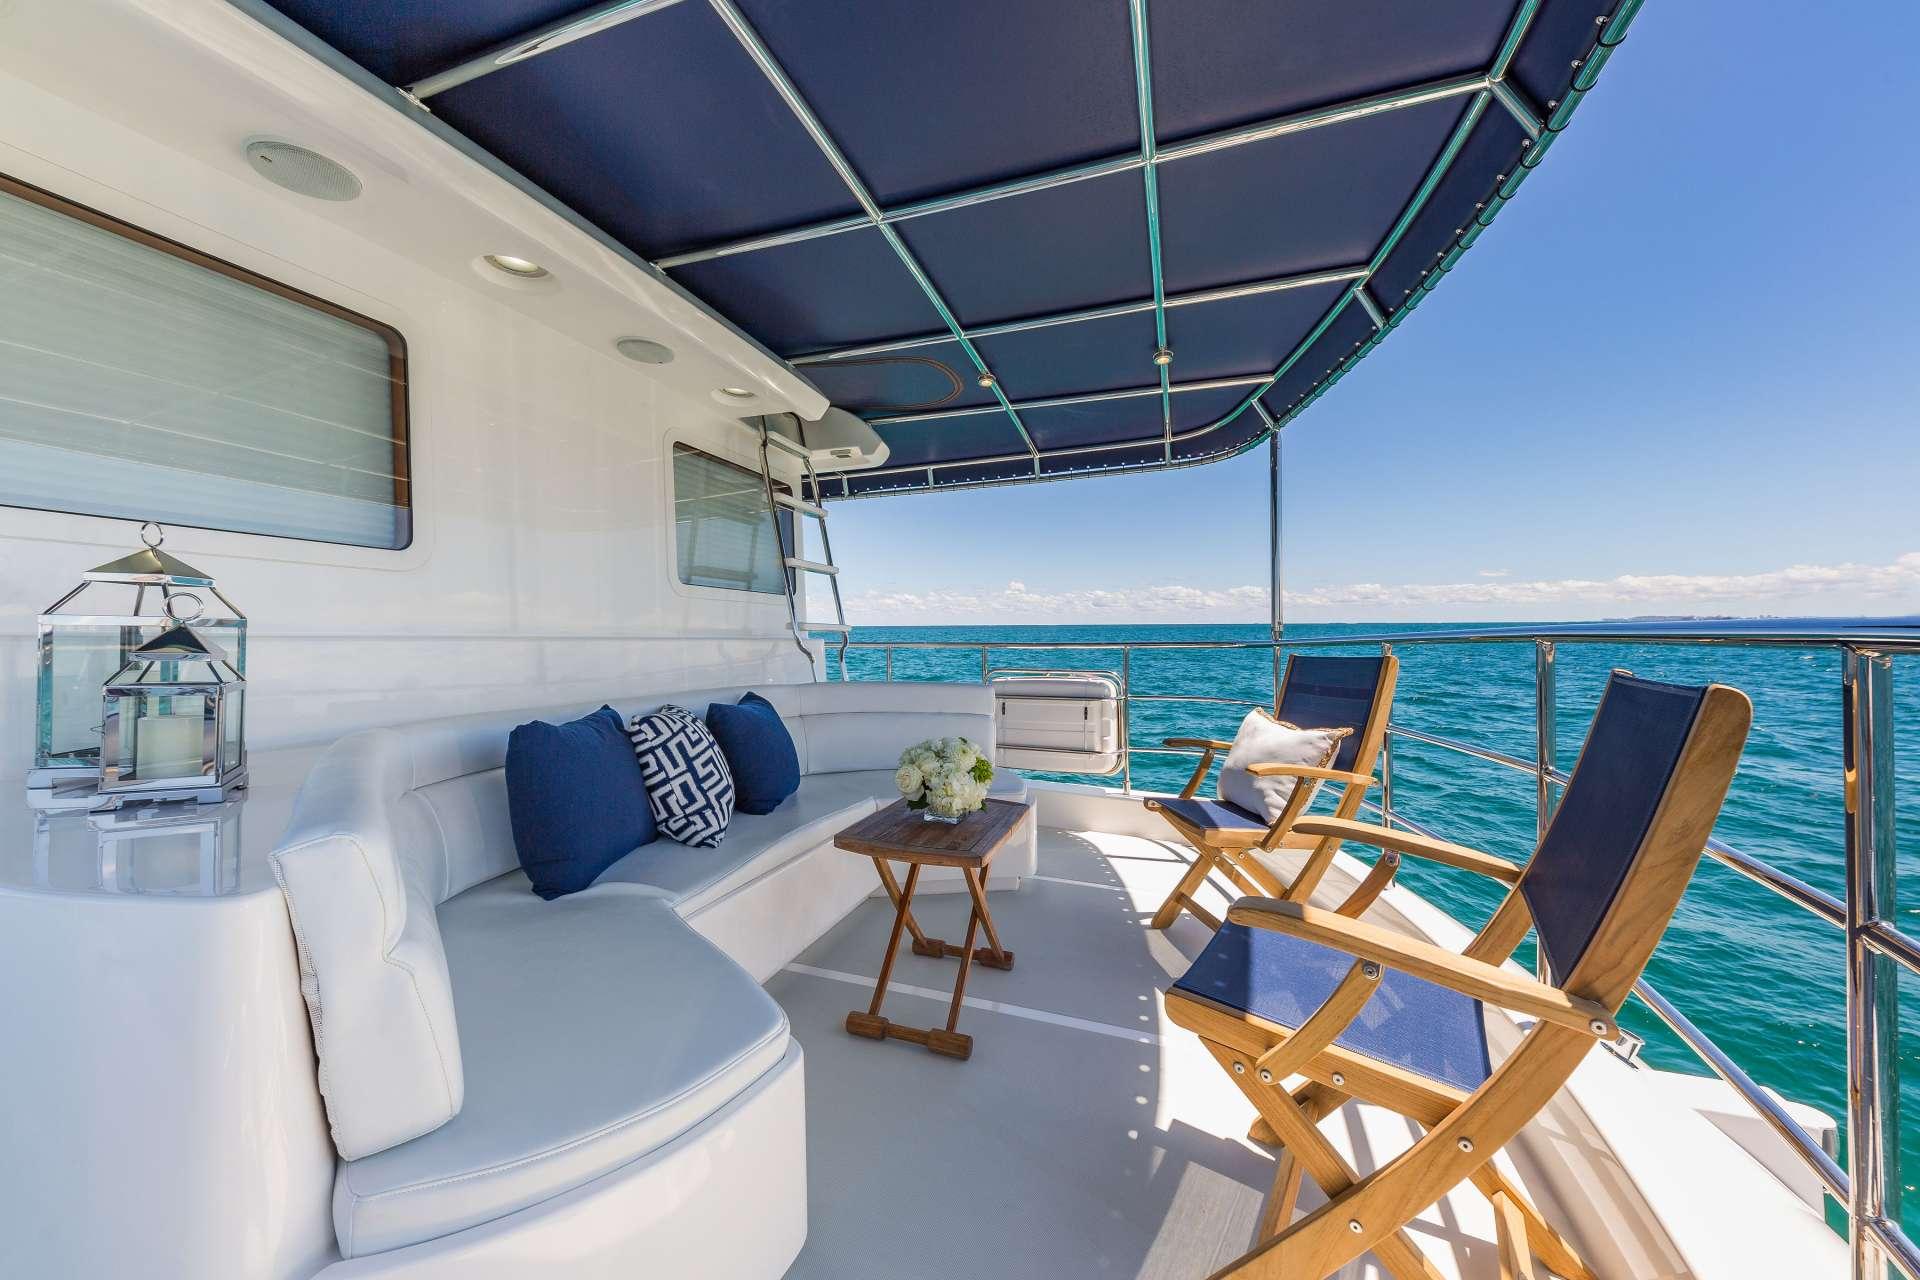 ASTURIAS yacht image # 14